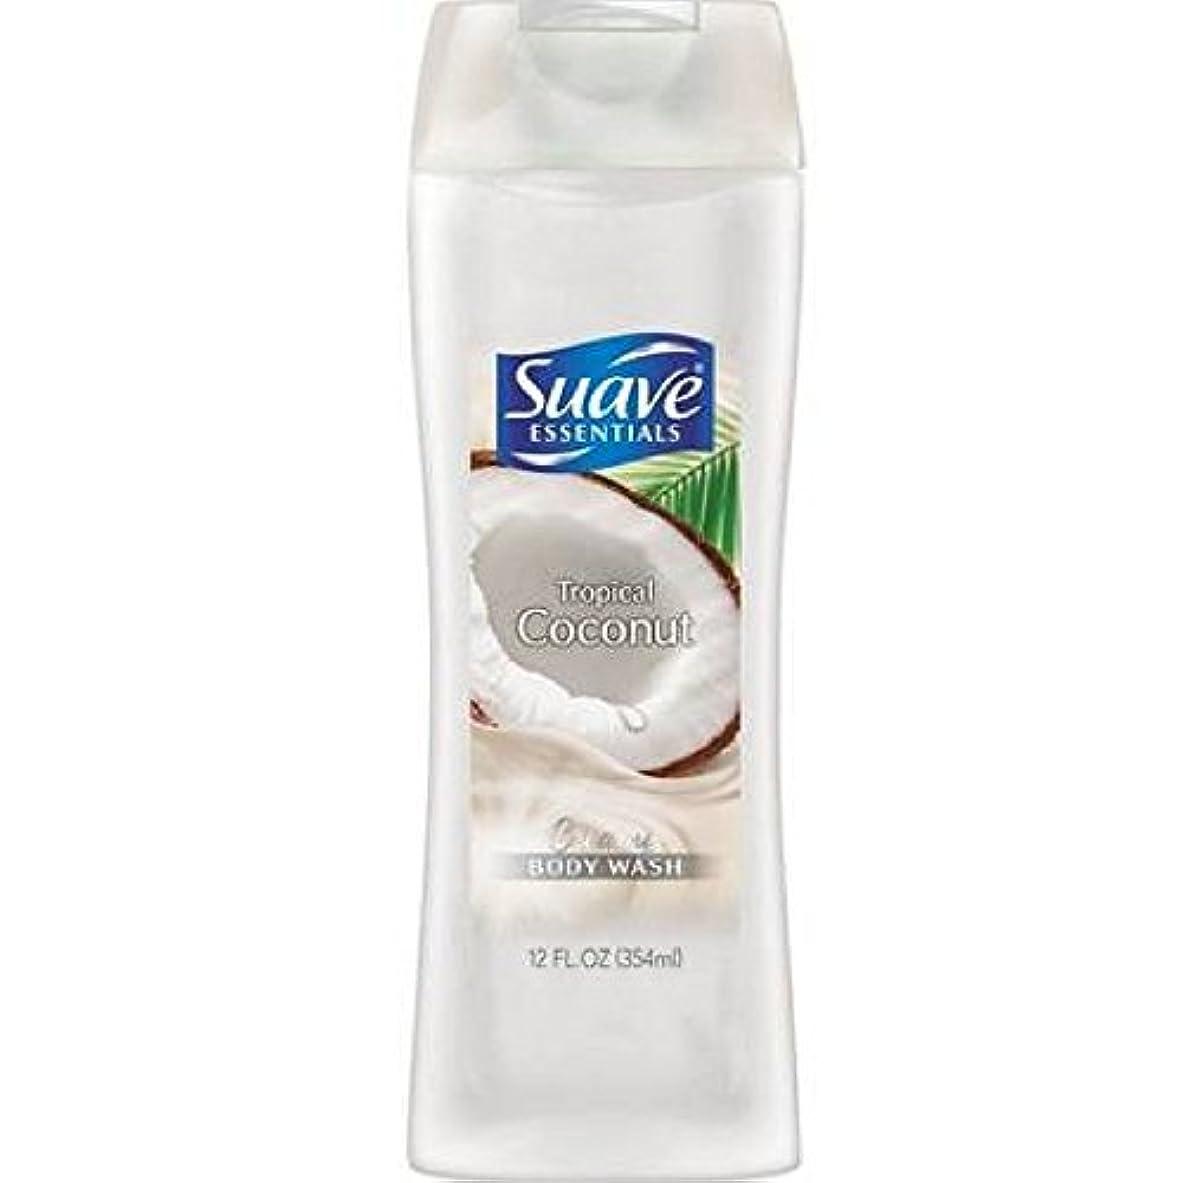 強化する能力リスSuave Naturals Body Wash - Tropical Coconut - 12 oz - 2 pk by Suave [並行輸入品]